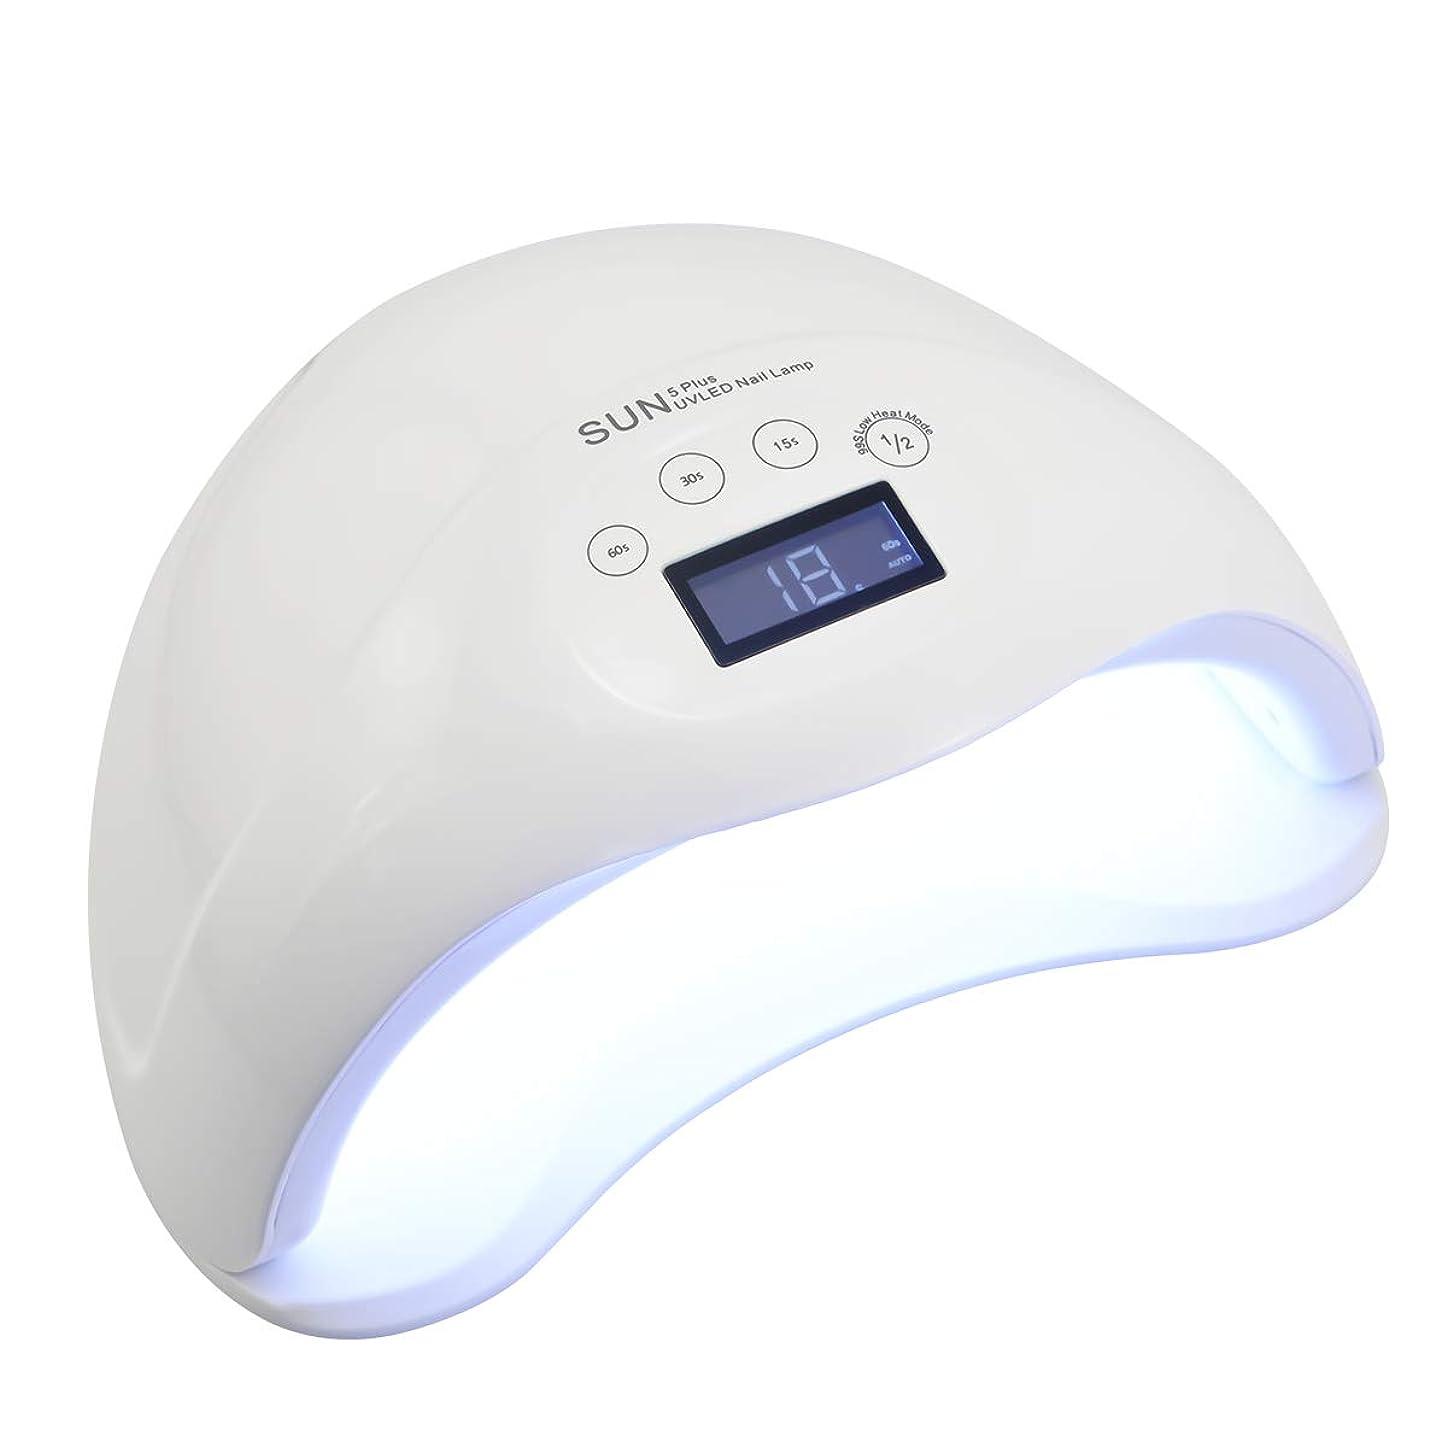 上に築きます投獄ポータブルネイルドライヤー kawakawa 硬化ライト 48W UV/LEDライト 高速硬化 自動センサー マニキュア ジェルネイル用 4段階タイマー 赤外線検知(ホワイト) 日本語取扱説明書付き